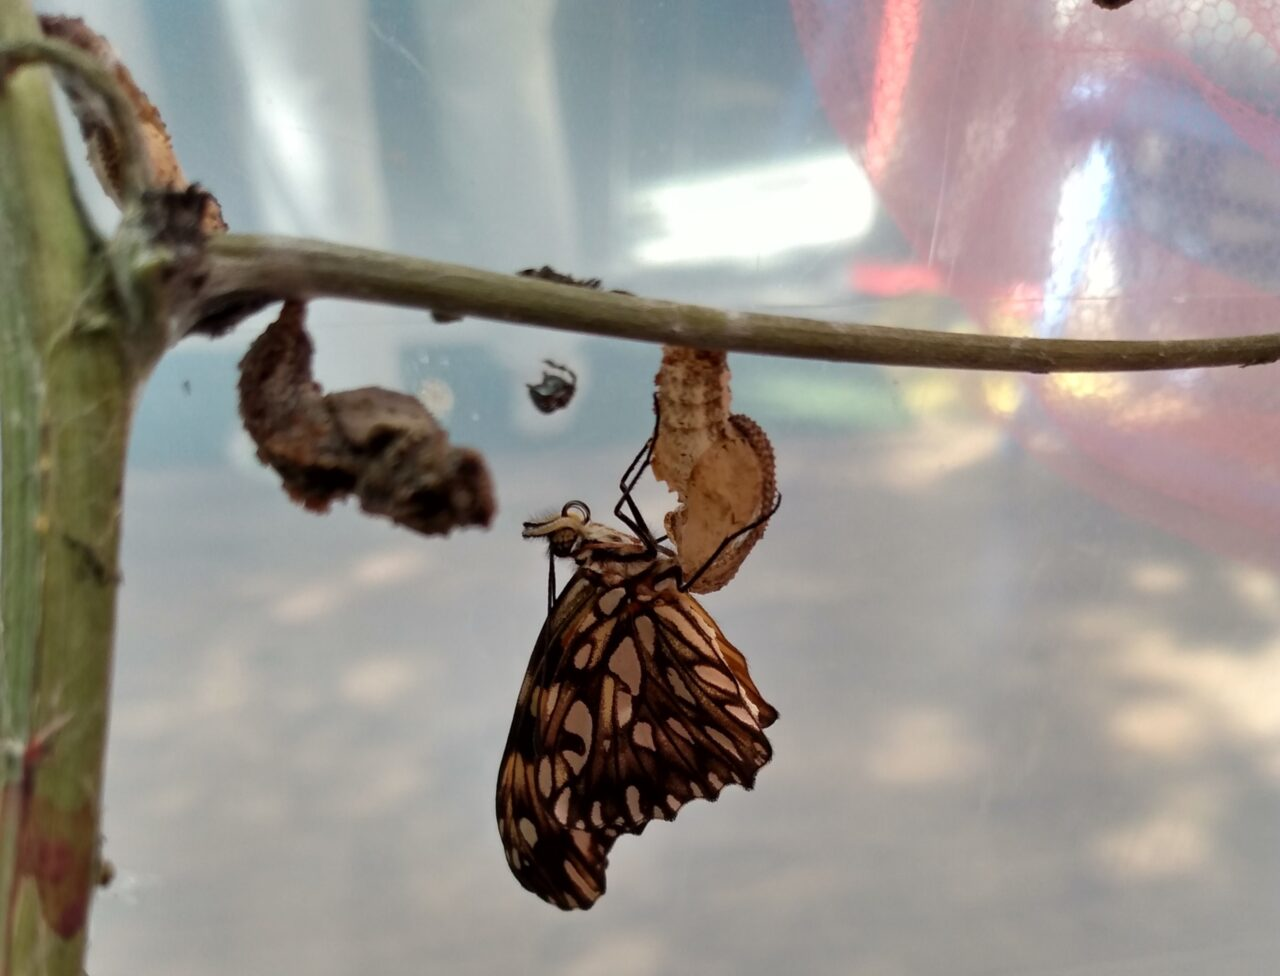 A imagem mostra uma borboleta presa a um casulo que está preso ao galho de uma árvore.